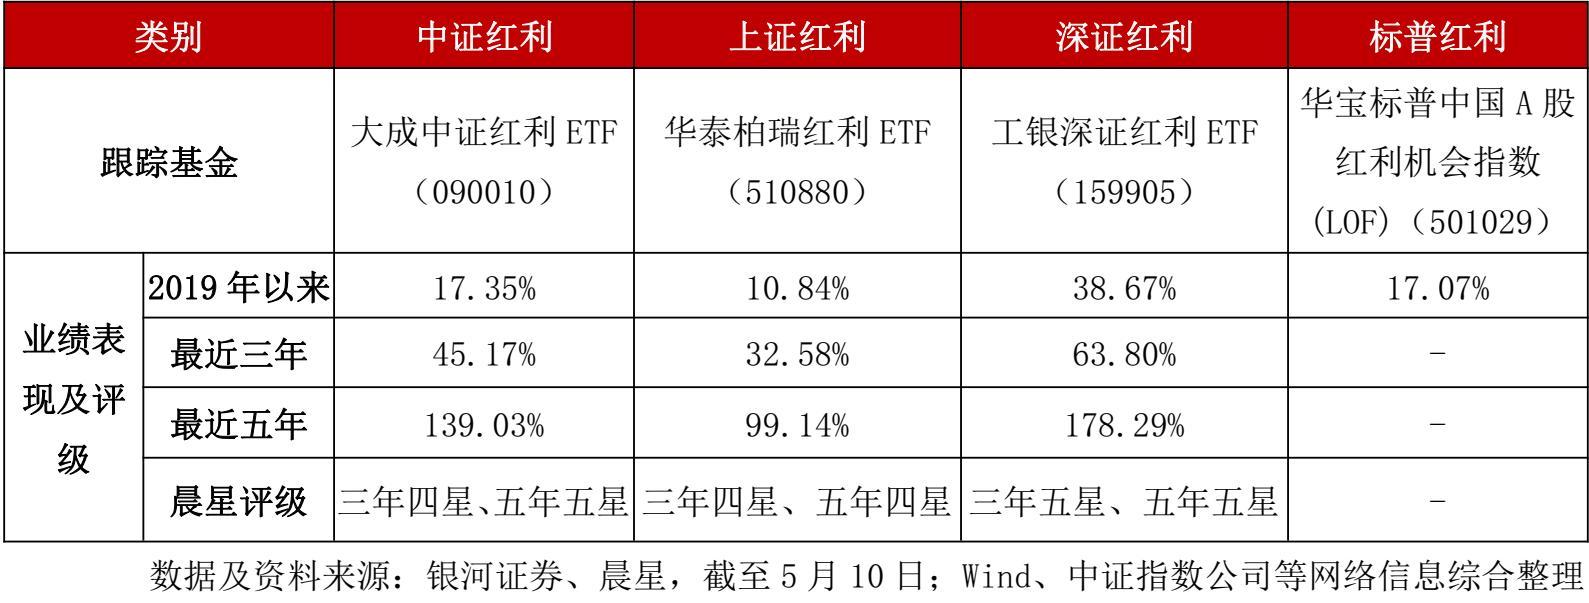 """红利策略展现超强""""魅力"""" 工银深证红利ETF涨幅持续居同类第1"""